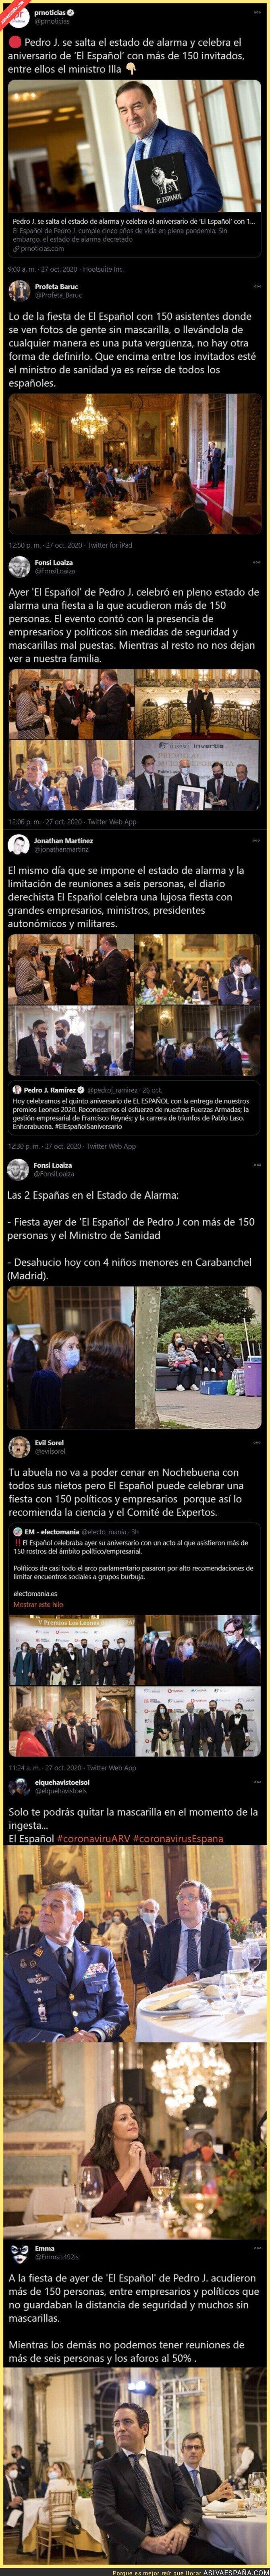 436623 - Escándalo monumental por la fiesta que ha montado 'El Español' con 150 invitados entre ellos el ministro Illa y muchos sin mascarilla